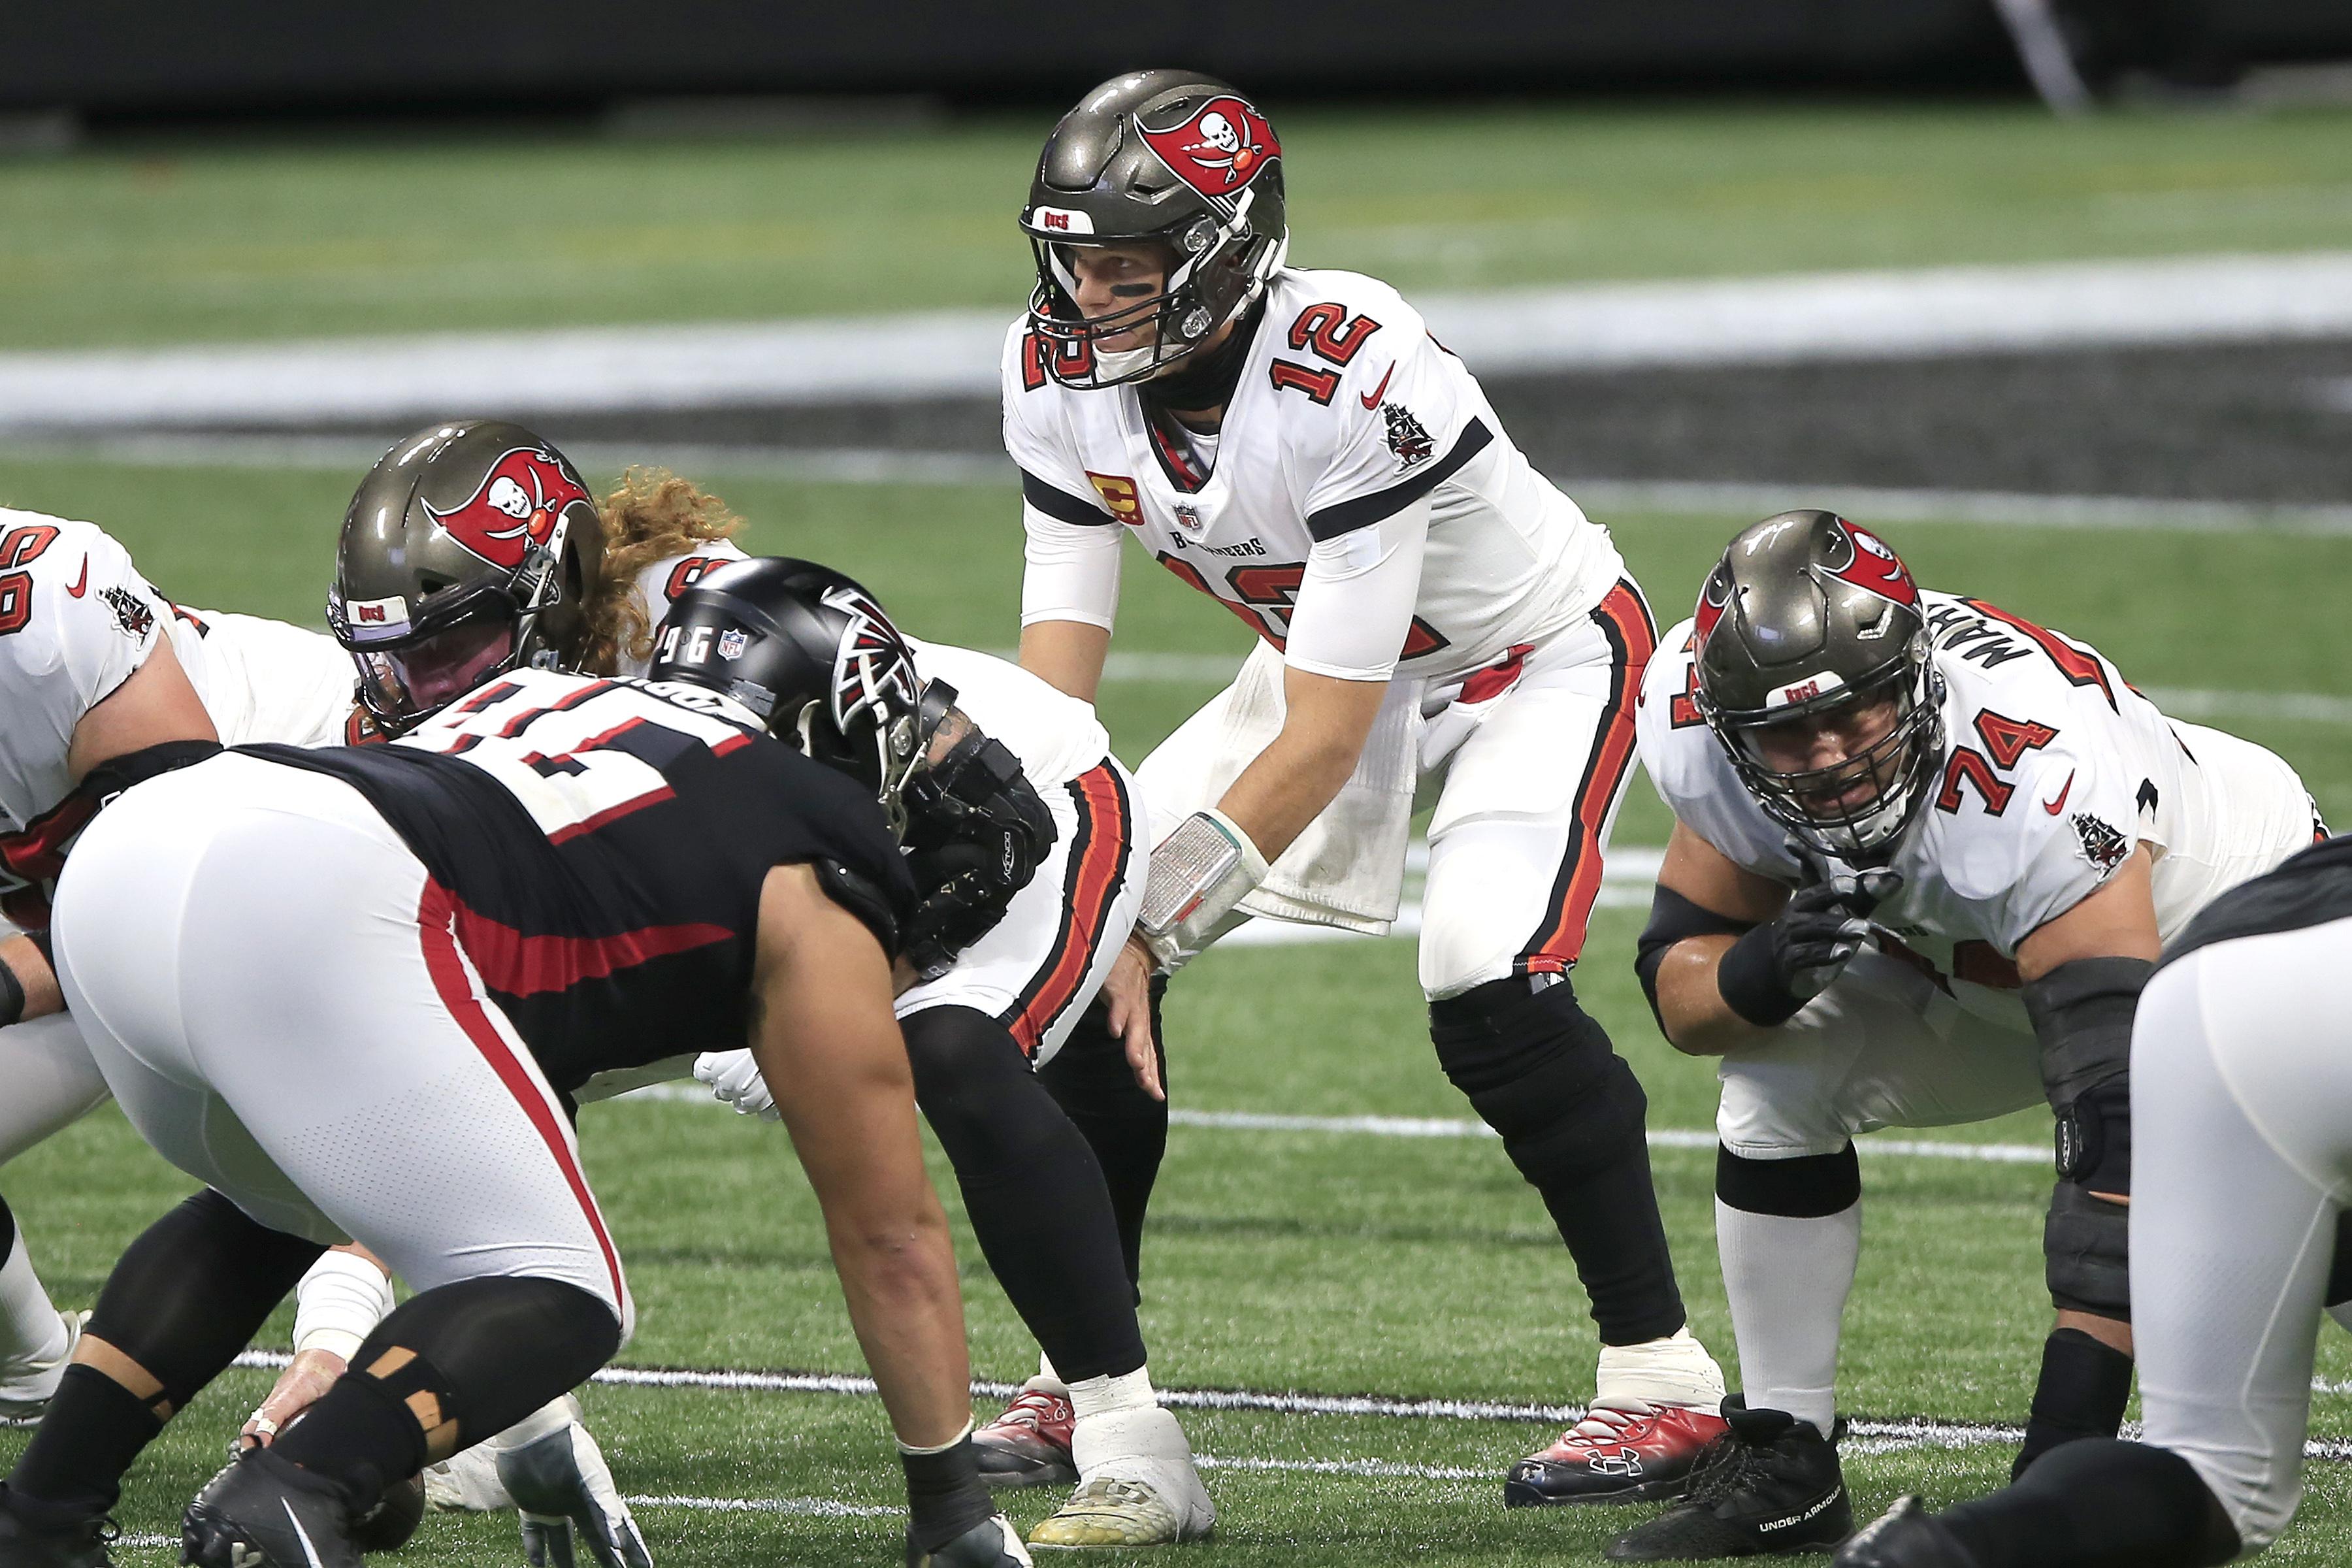 NFL: DEC 20 Buccaneers at Falcons